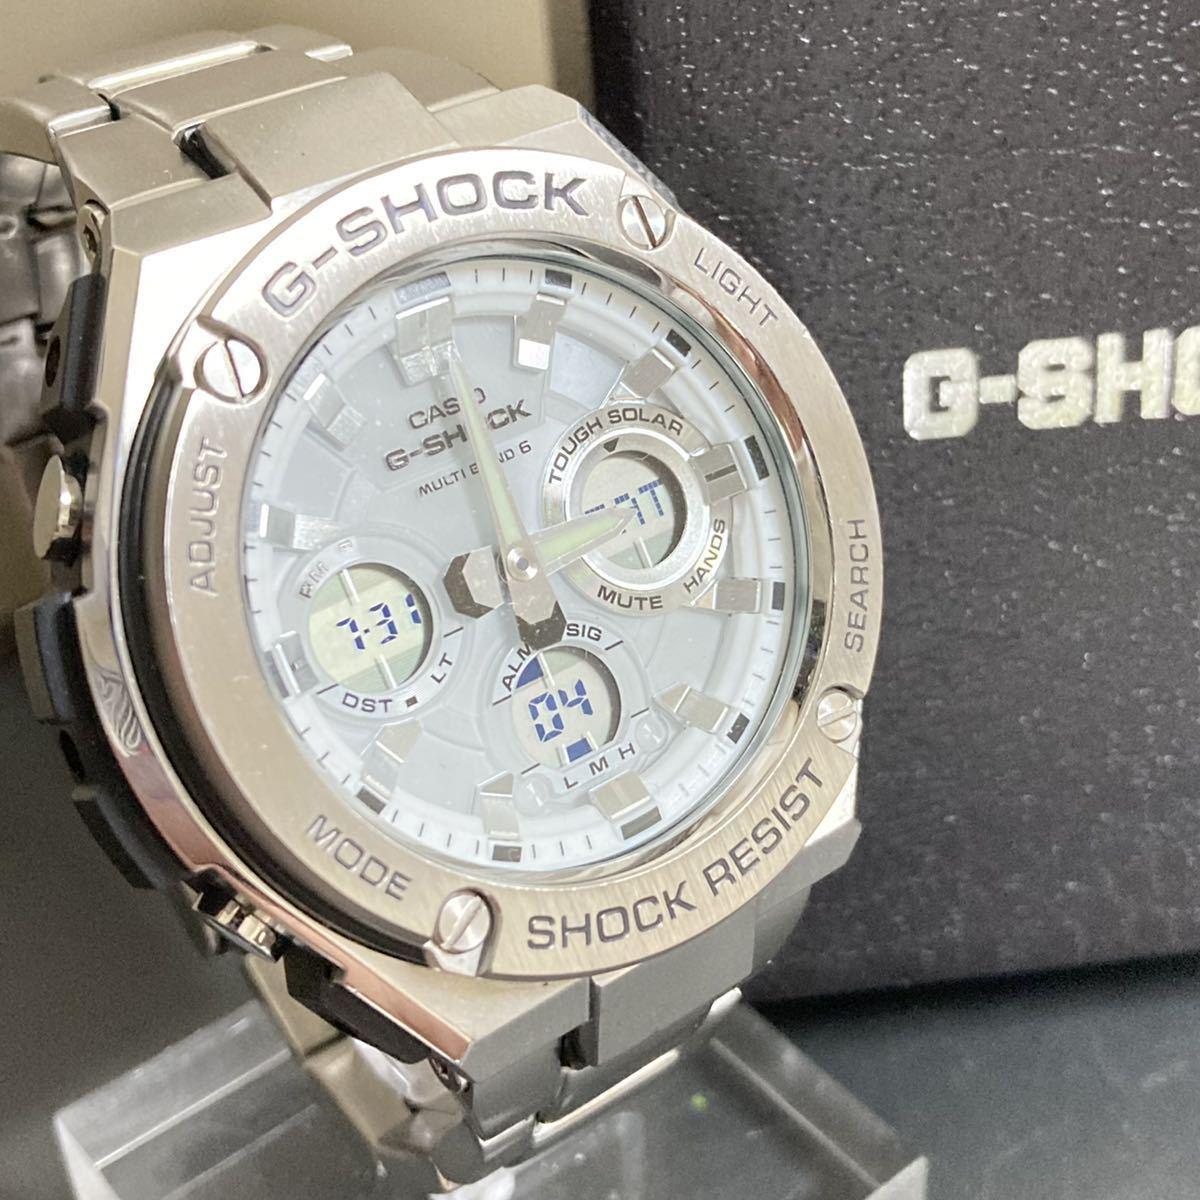 極美品G-SHOCK GST-W110D-7AJF G-STEEL Gスチール タフソーラー 電波受信 電波ソーラー マルチバンド6 メタルベゼル メタルバンド 白 箱付